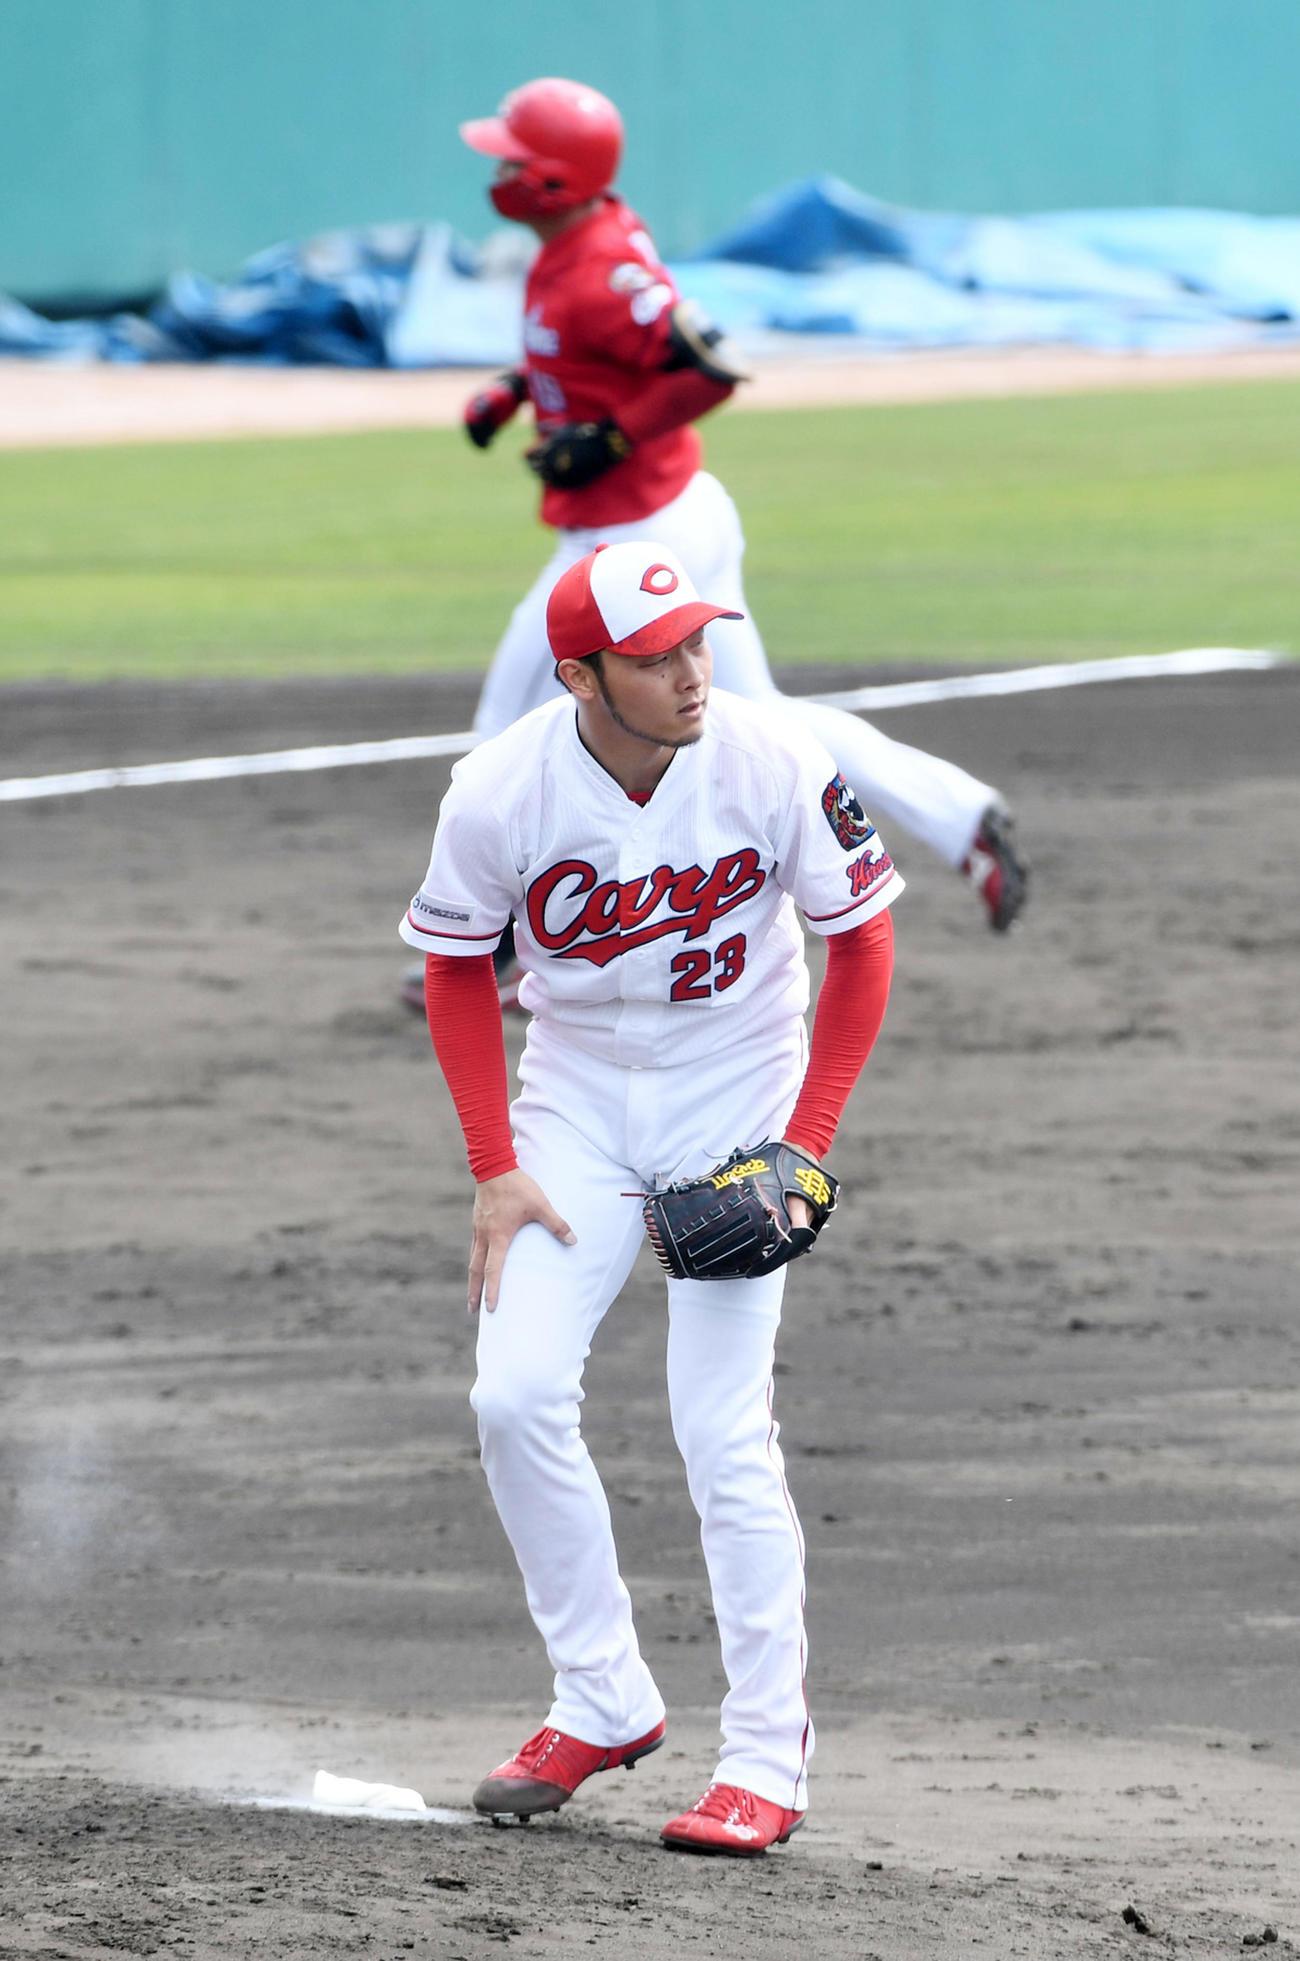 紅白戦 3回表紅組1死、正隨に右越え本塁打を打たれがっくりする薮田(撮影・前岡正明)